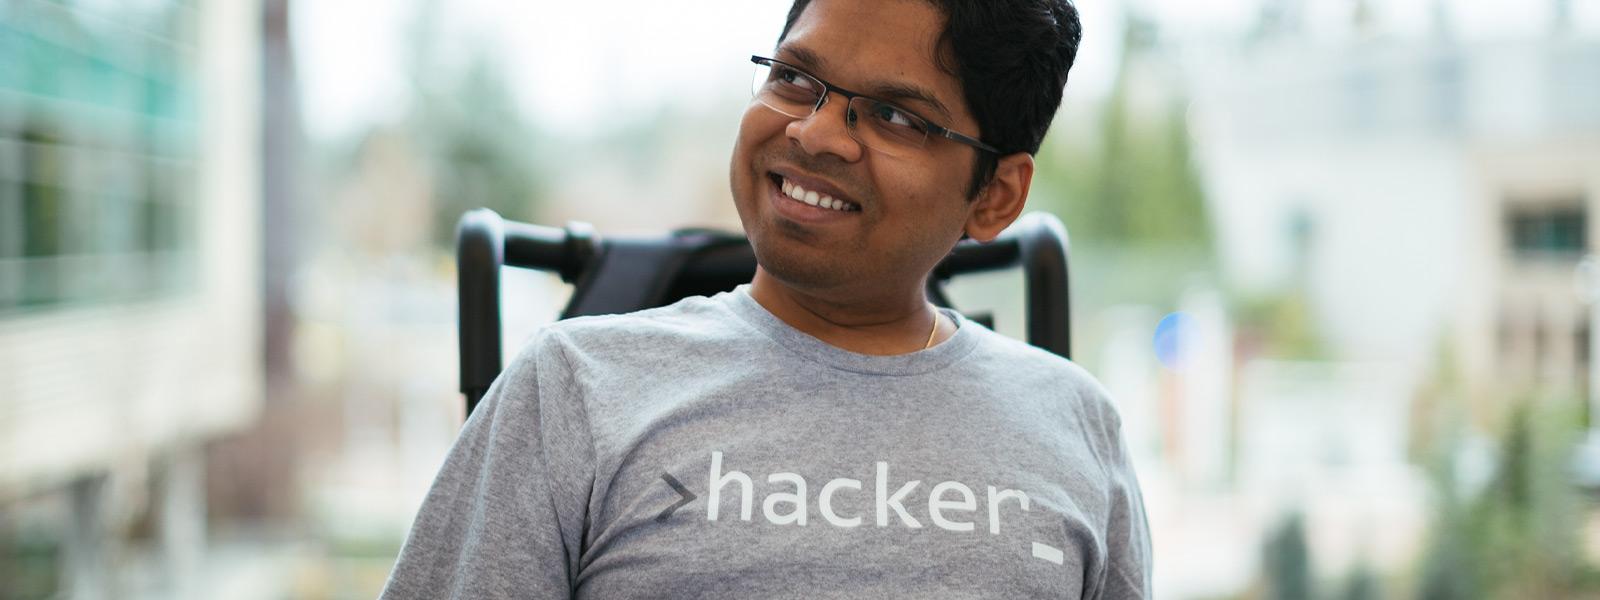 Un hombre sonriente sentado en una silla de ruedas